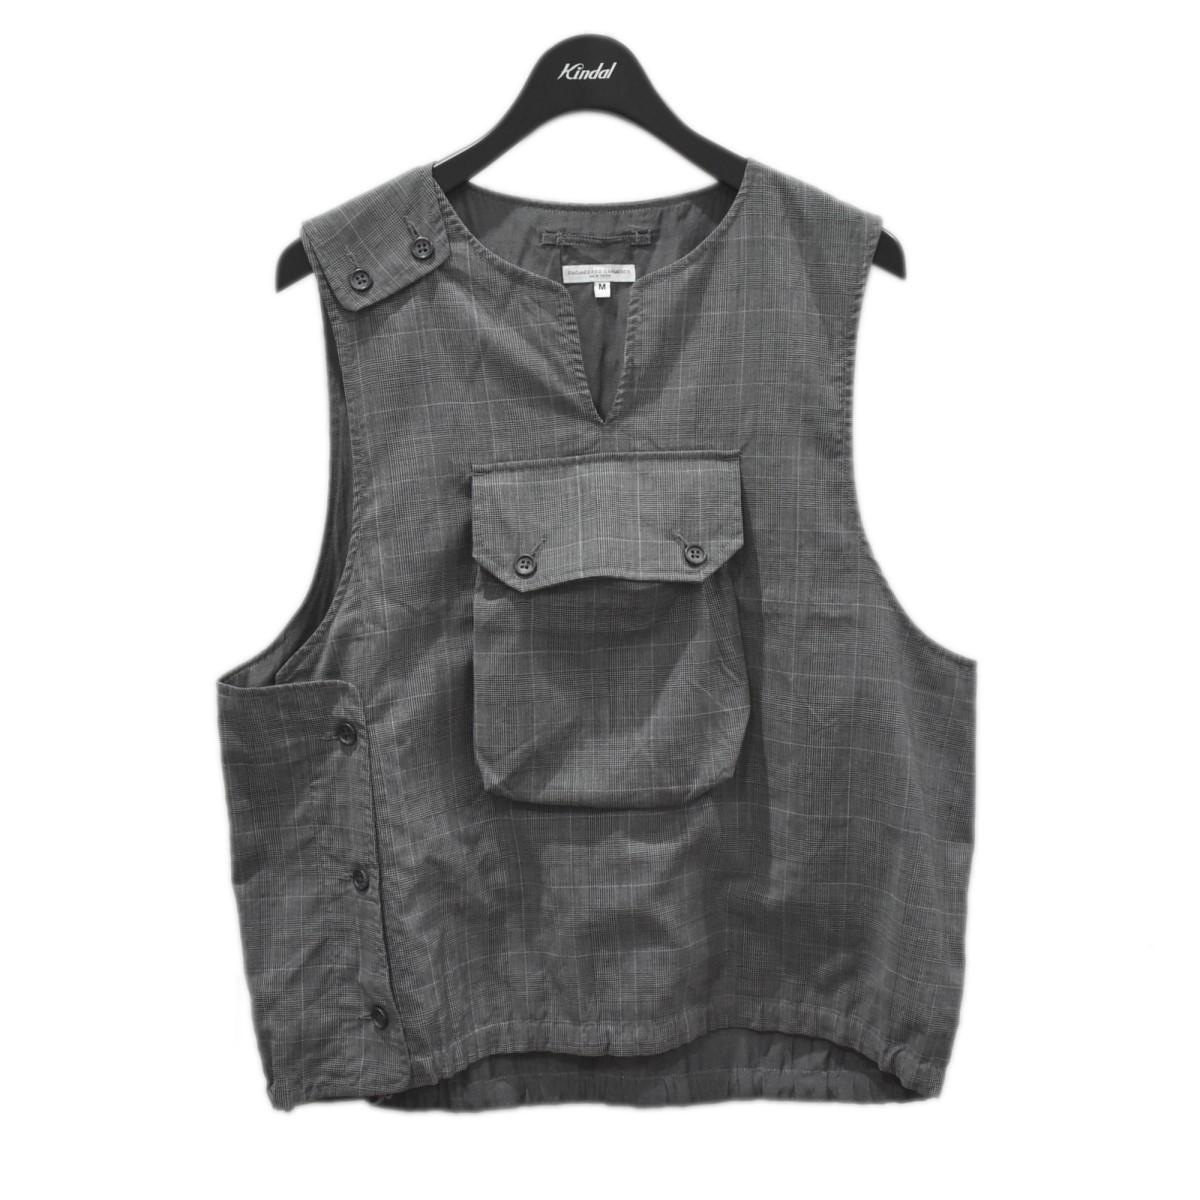 【280321】(エンジニアードガーメンツ) 19SS Garments Vest-Tropical Wool グレー Glen Cover Plaid 【中古】Engineered サイズ:M カバーベスト